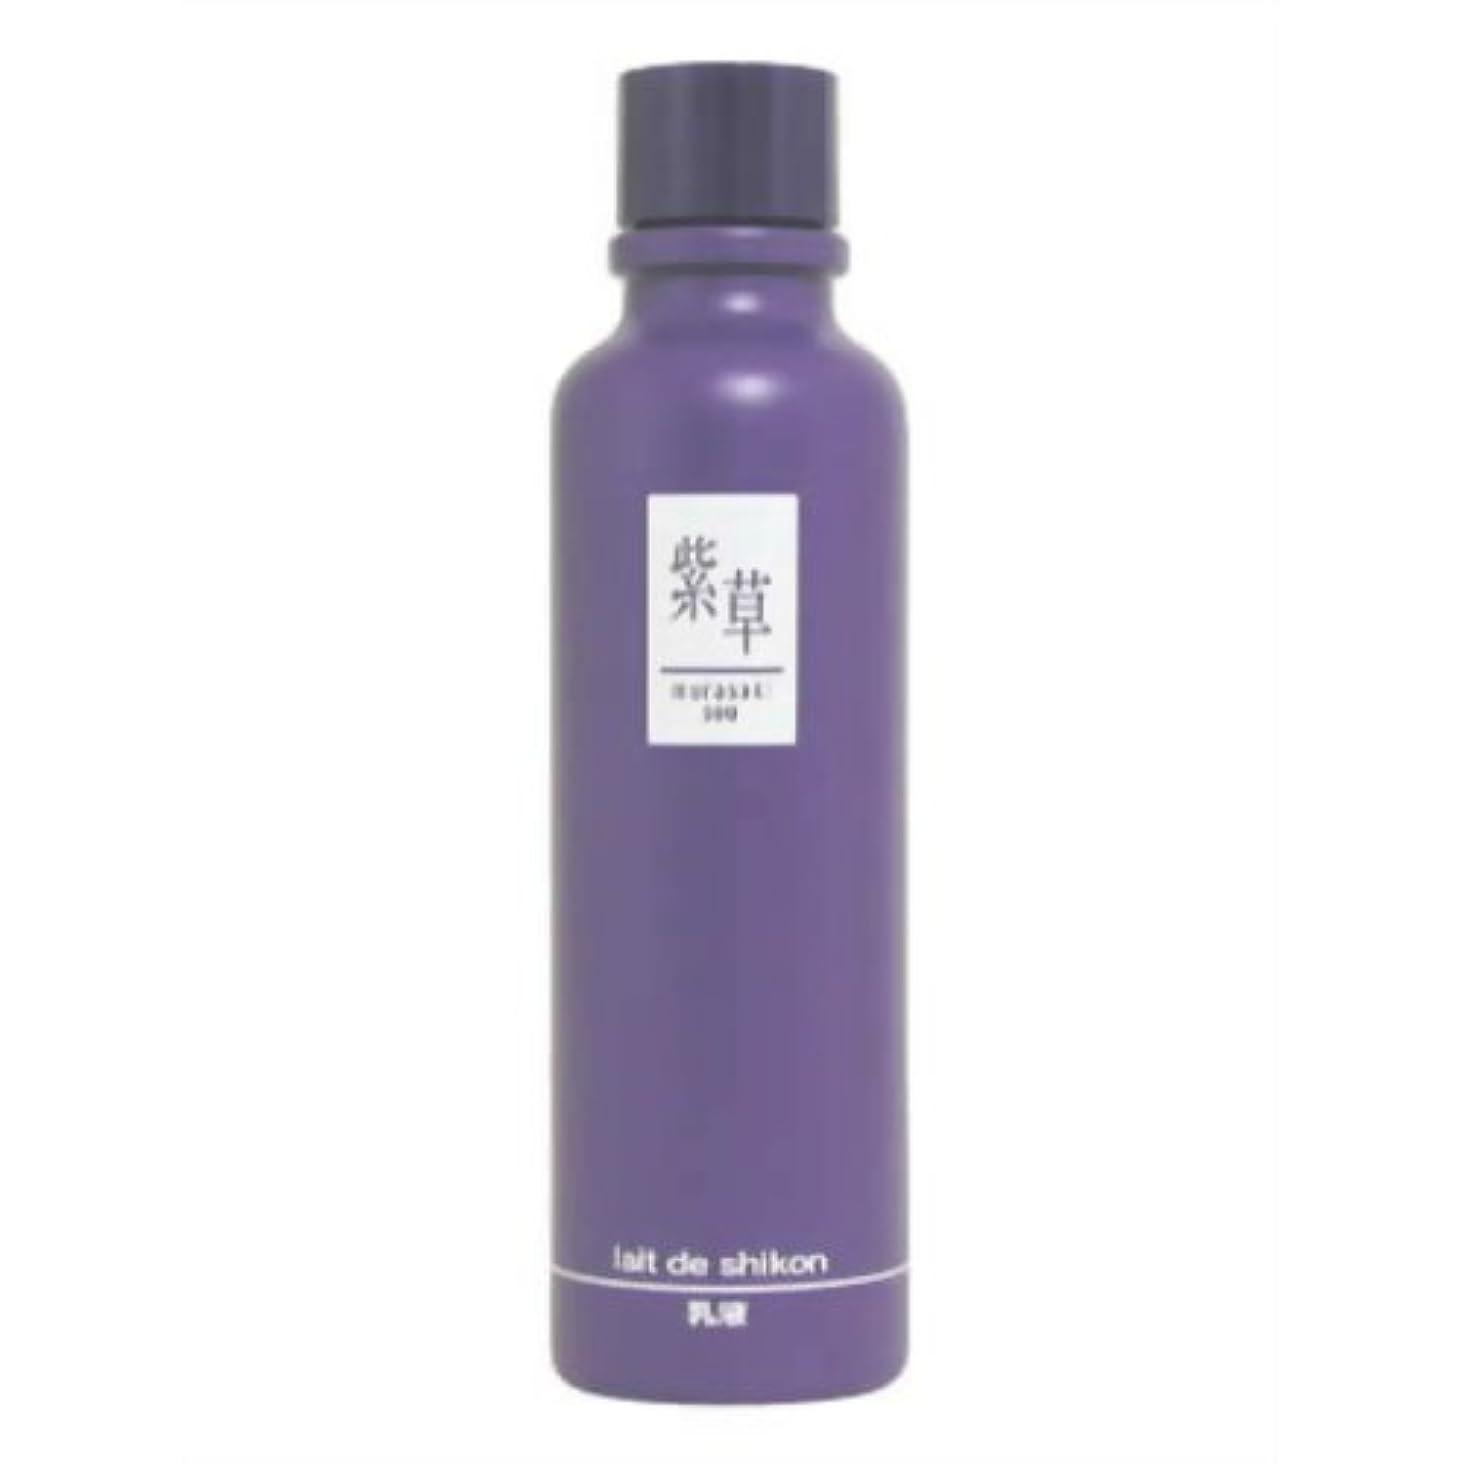 逃げる激怒放置紫草 レーデシコン(乳液) 120ml